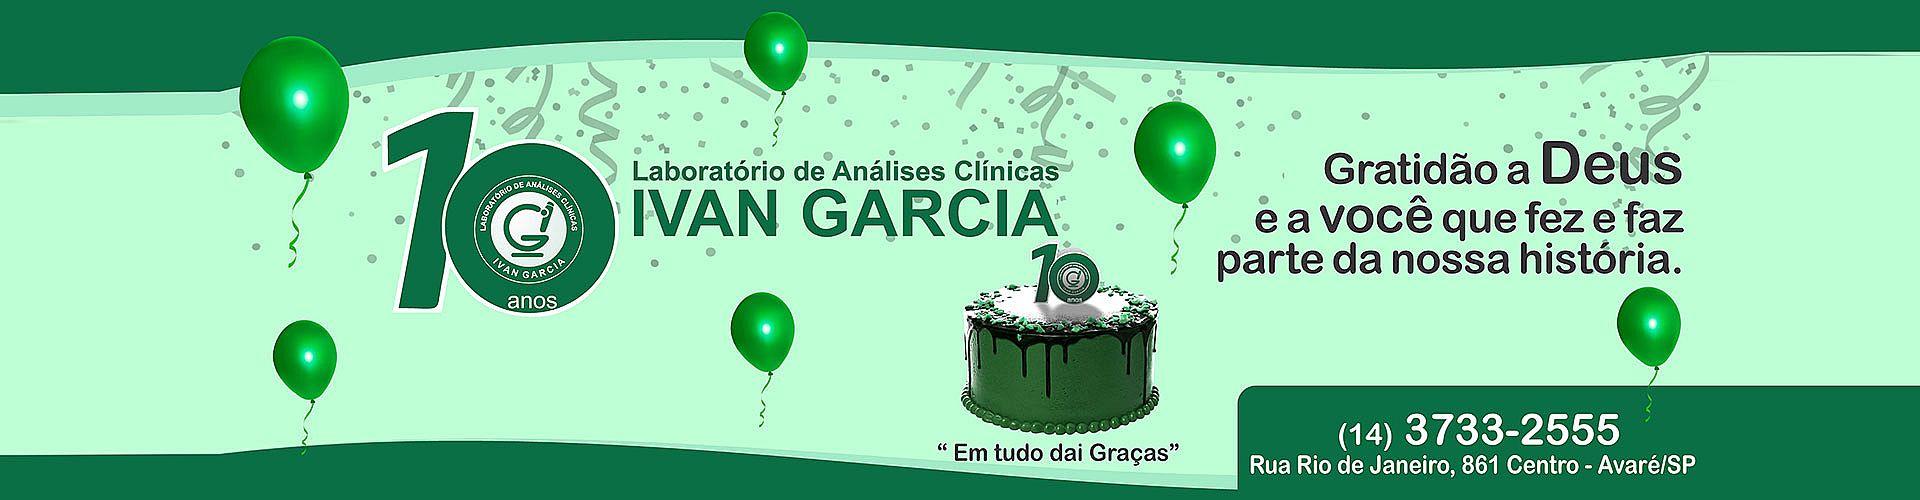 Aniversário de 10 anos do Laboratório Ivan Garcia